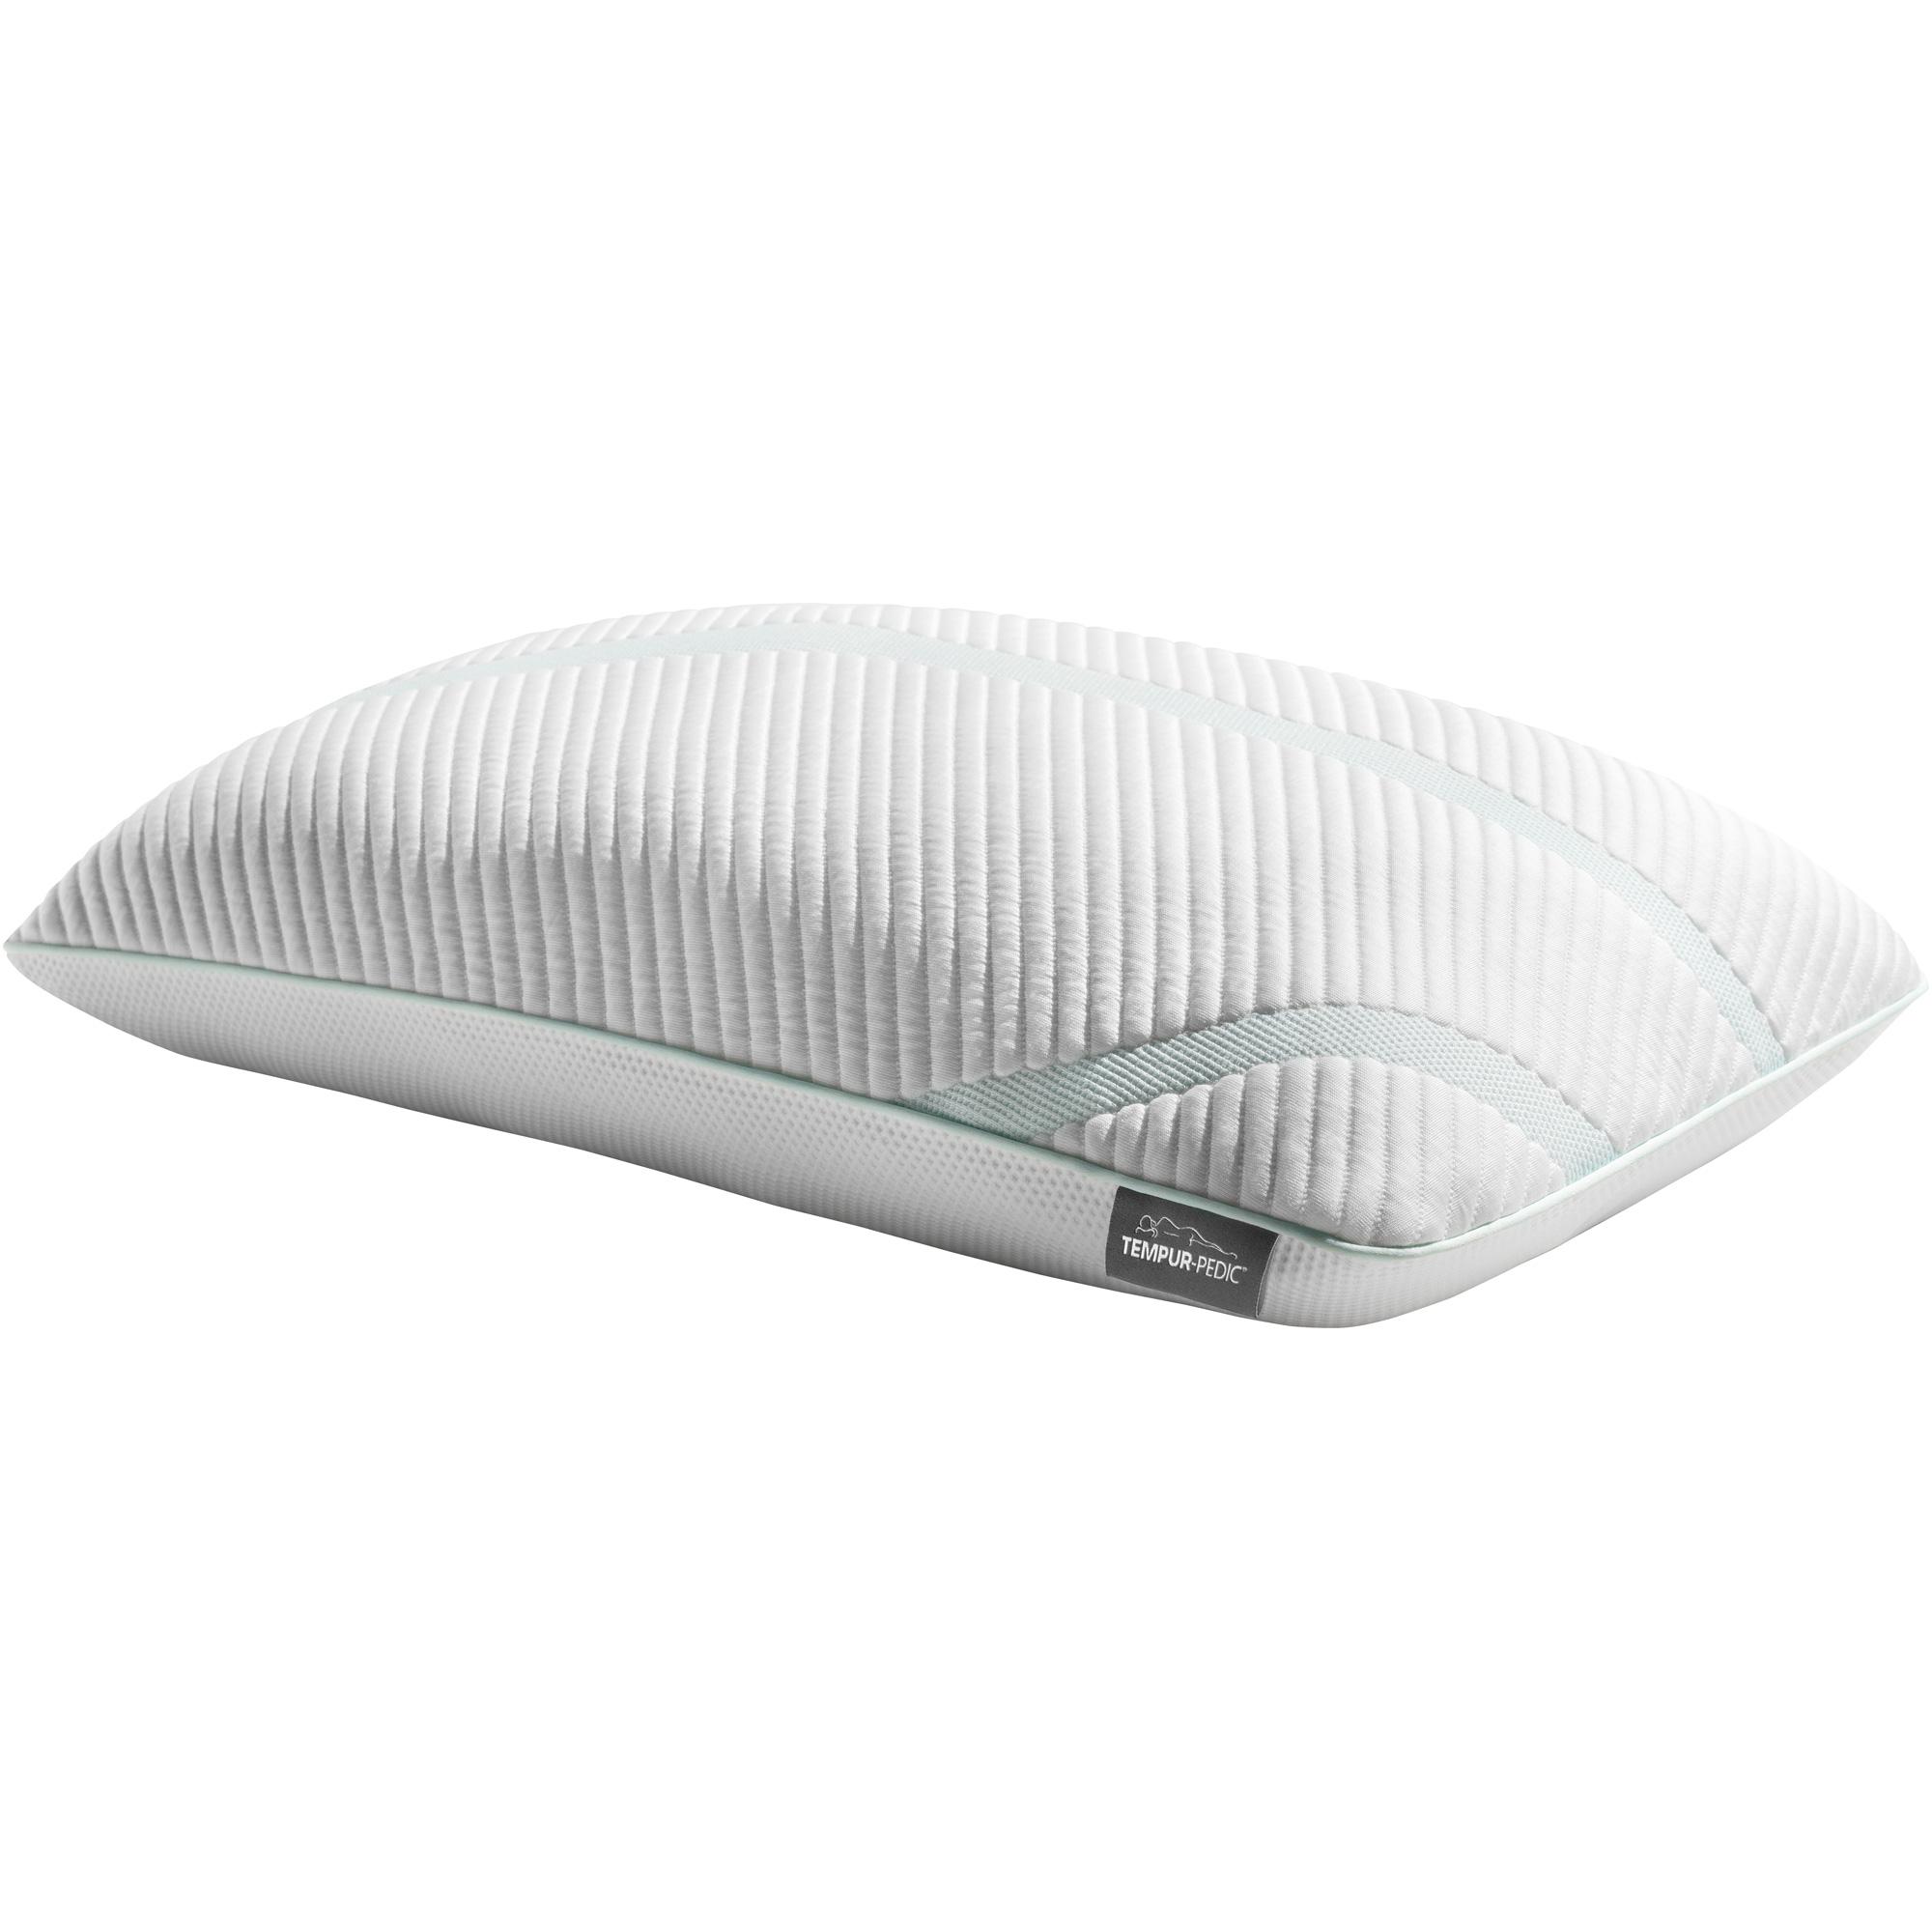 Tempur Pedic Adapt King Low Profile Pillow